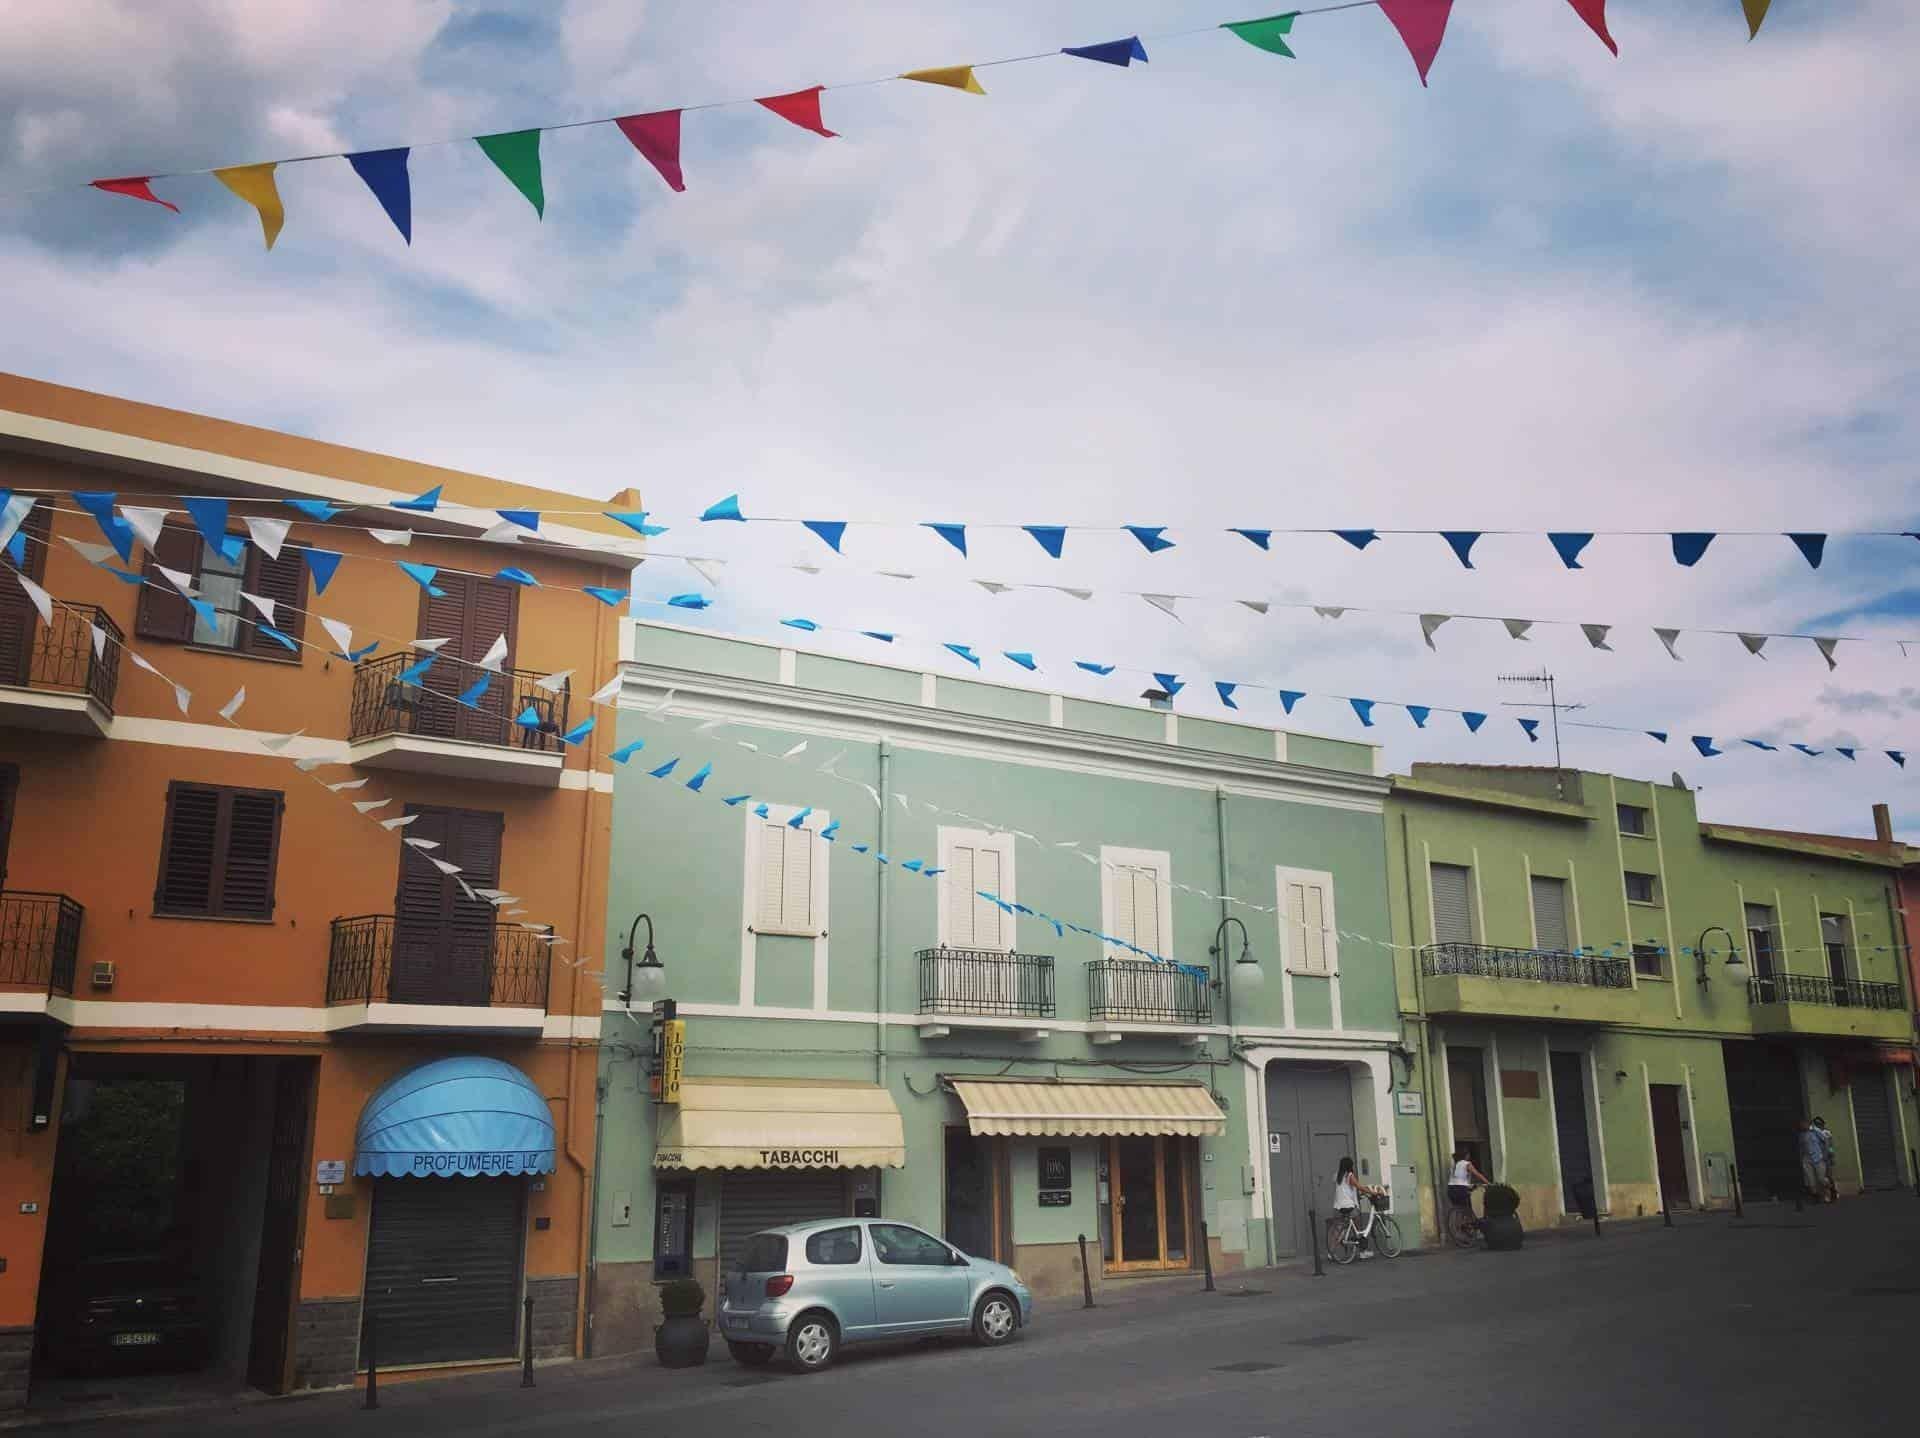 Villasimius town centre